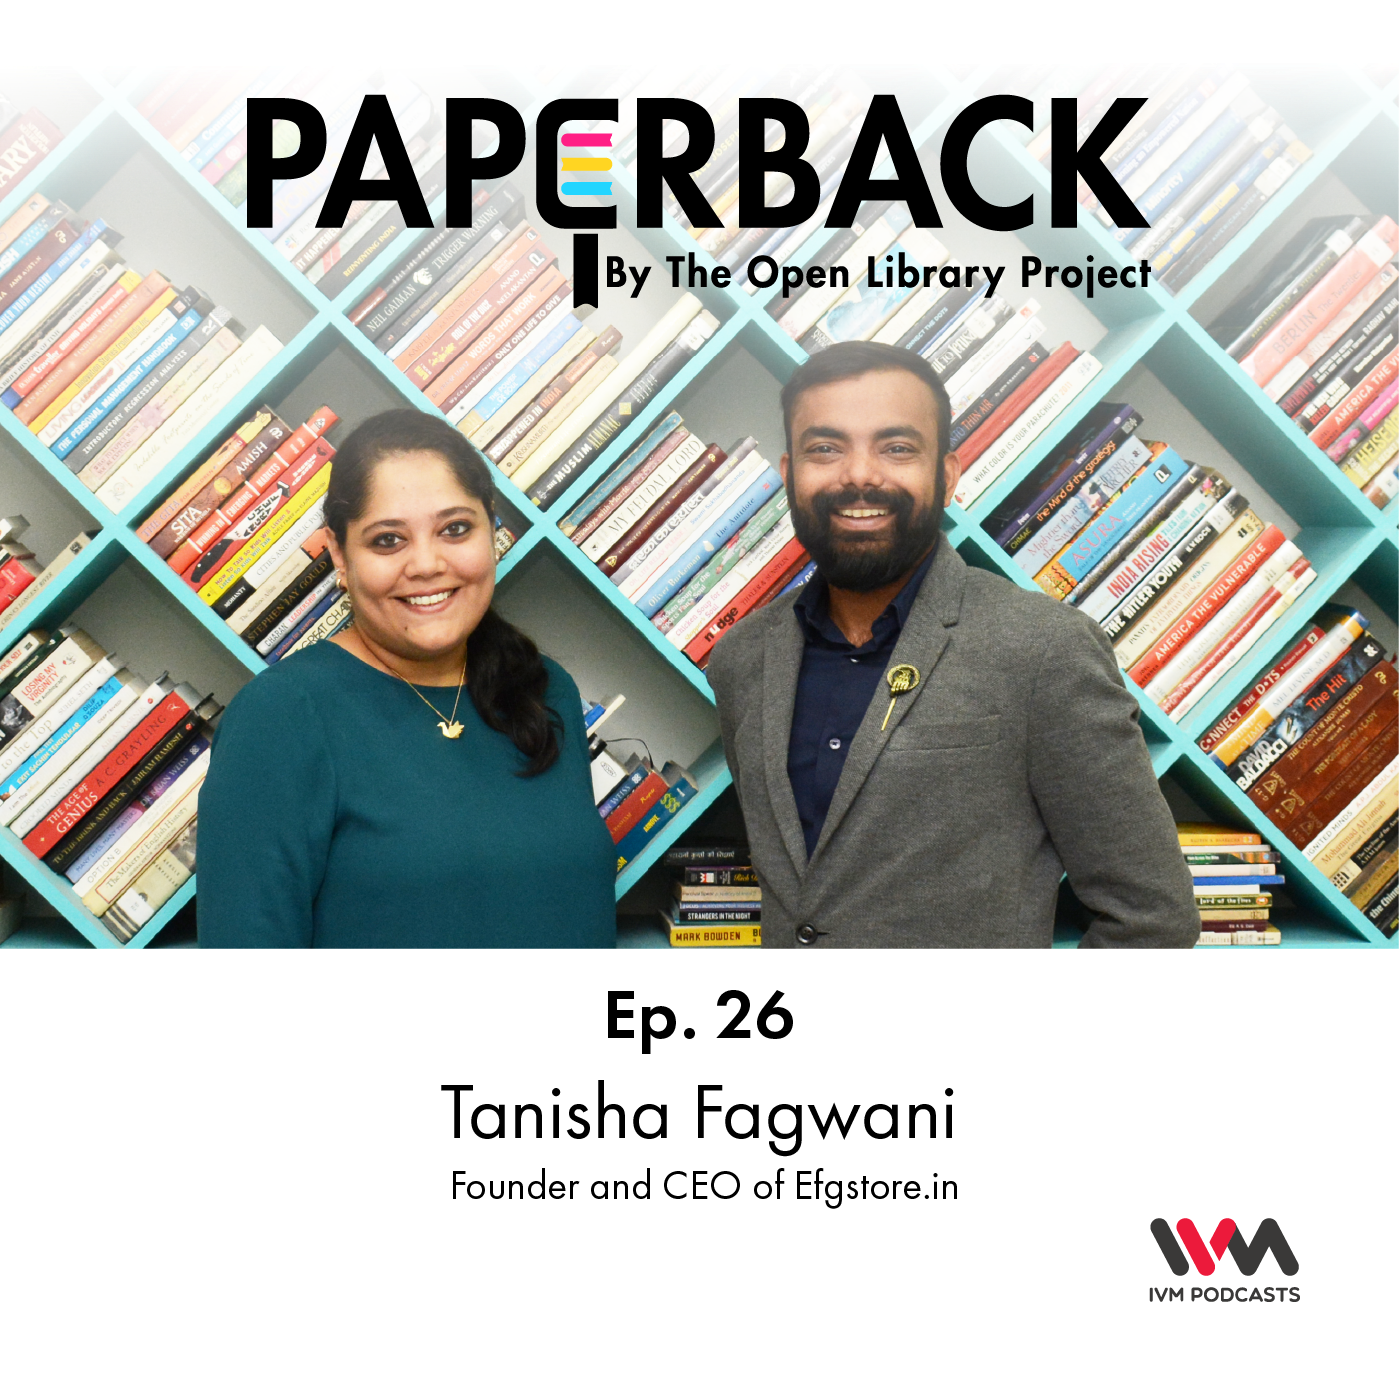 Ep. 26: Tanisha Fagwani